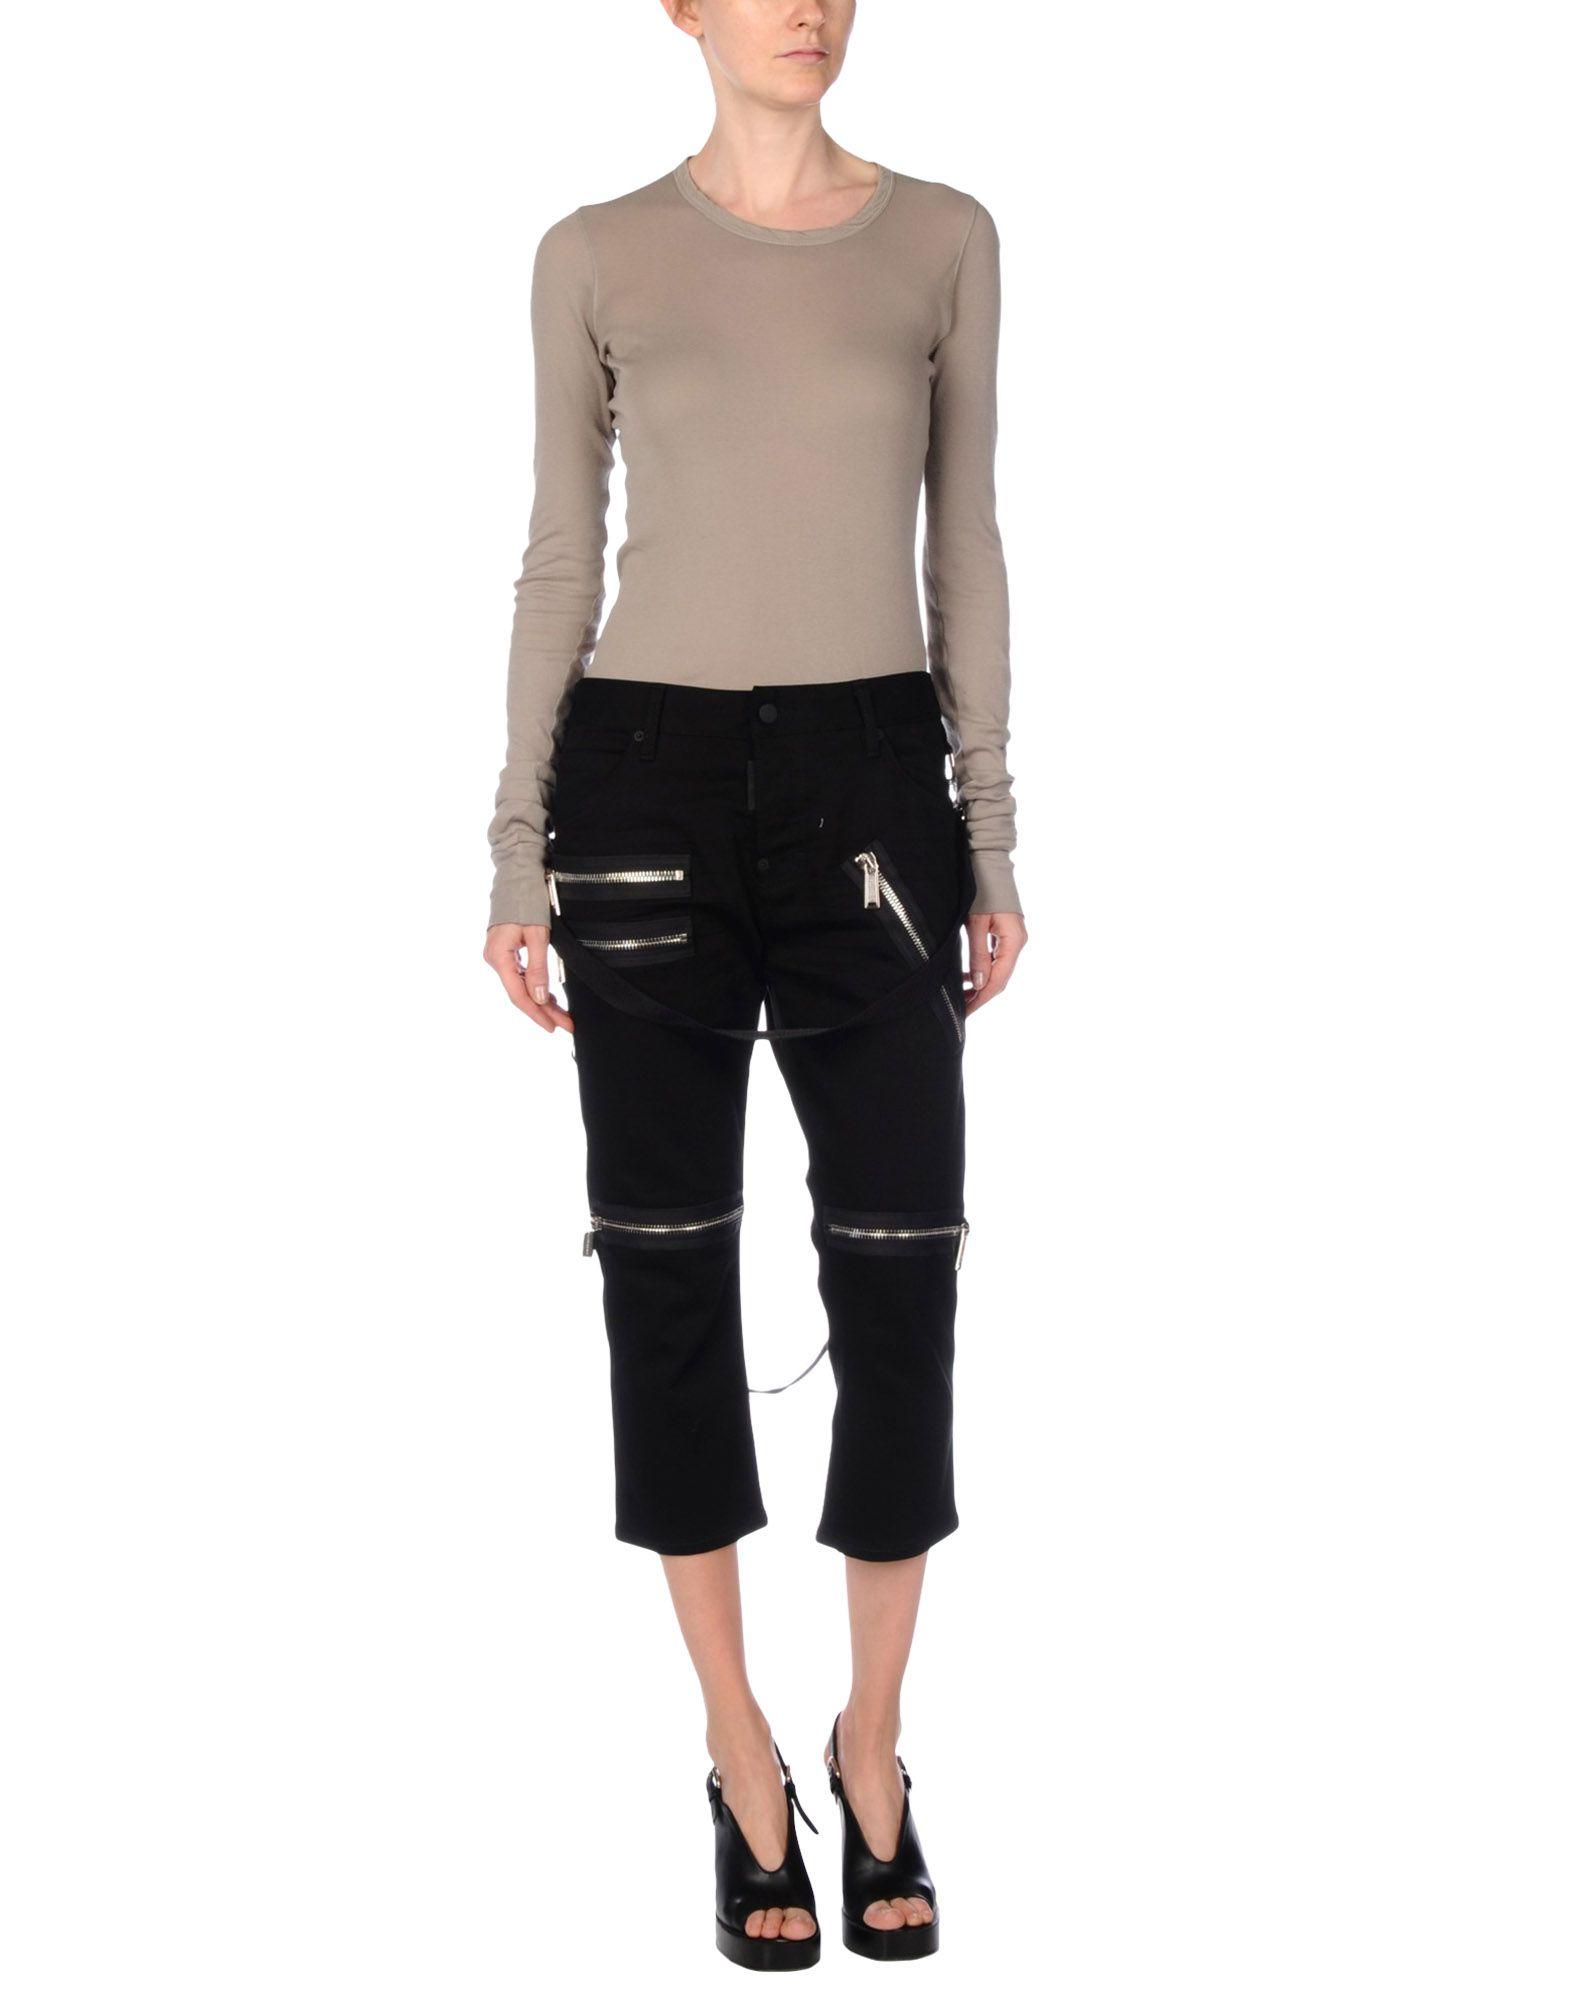 Pantaloni Jeans Dsquared2 Donna - Acquista online su UNh4lE